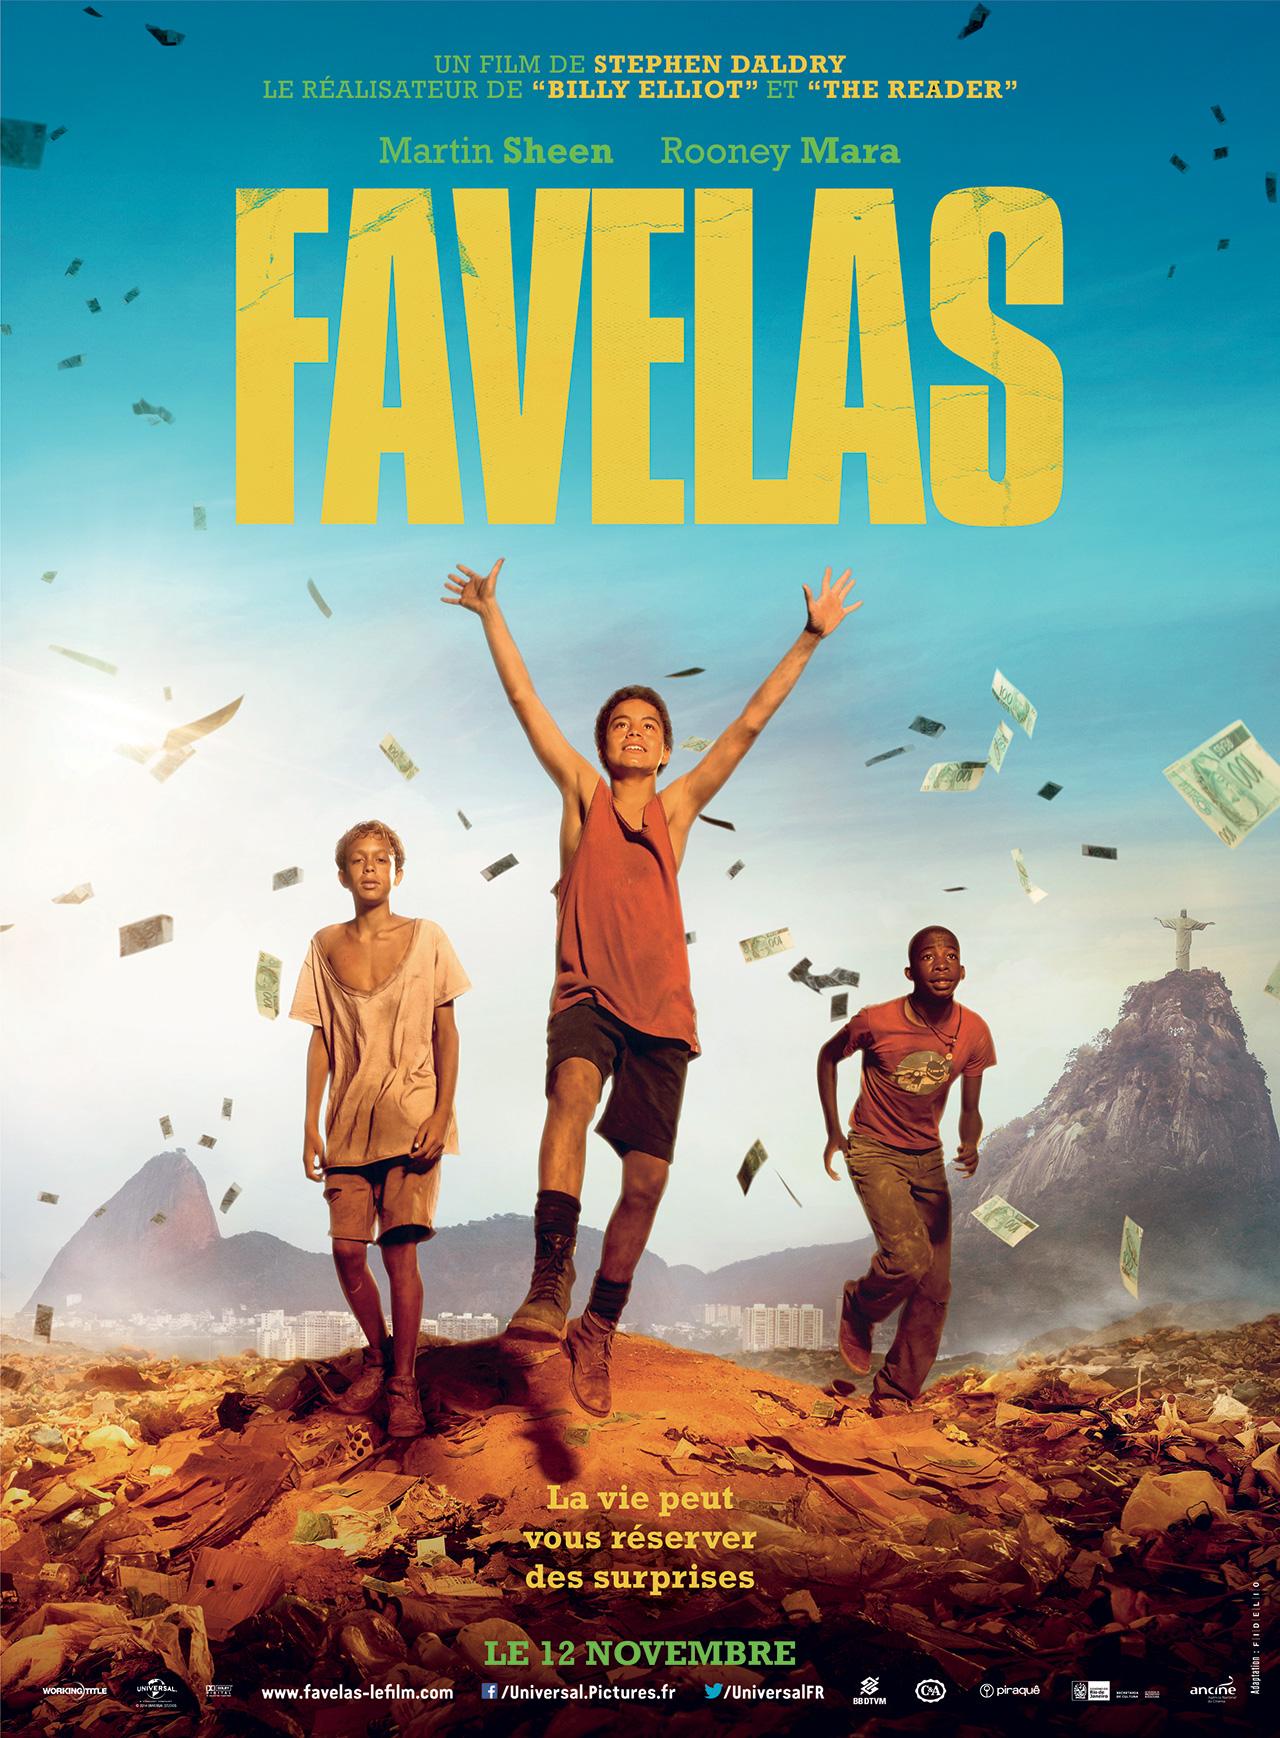 Favelas de Stephen Daldry